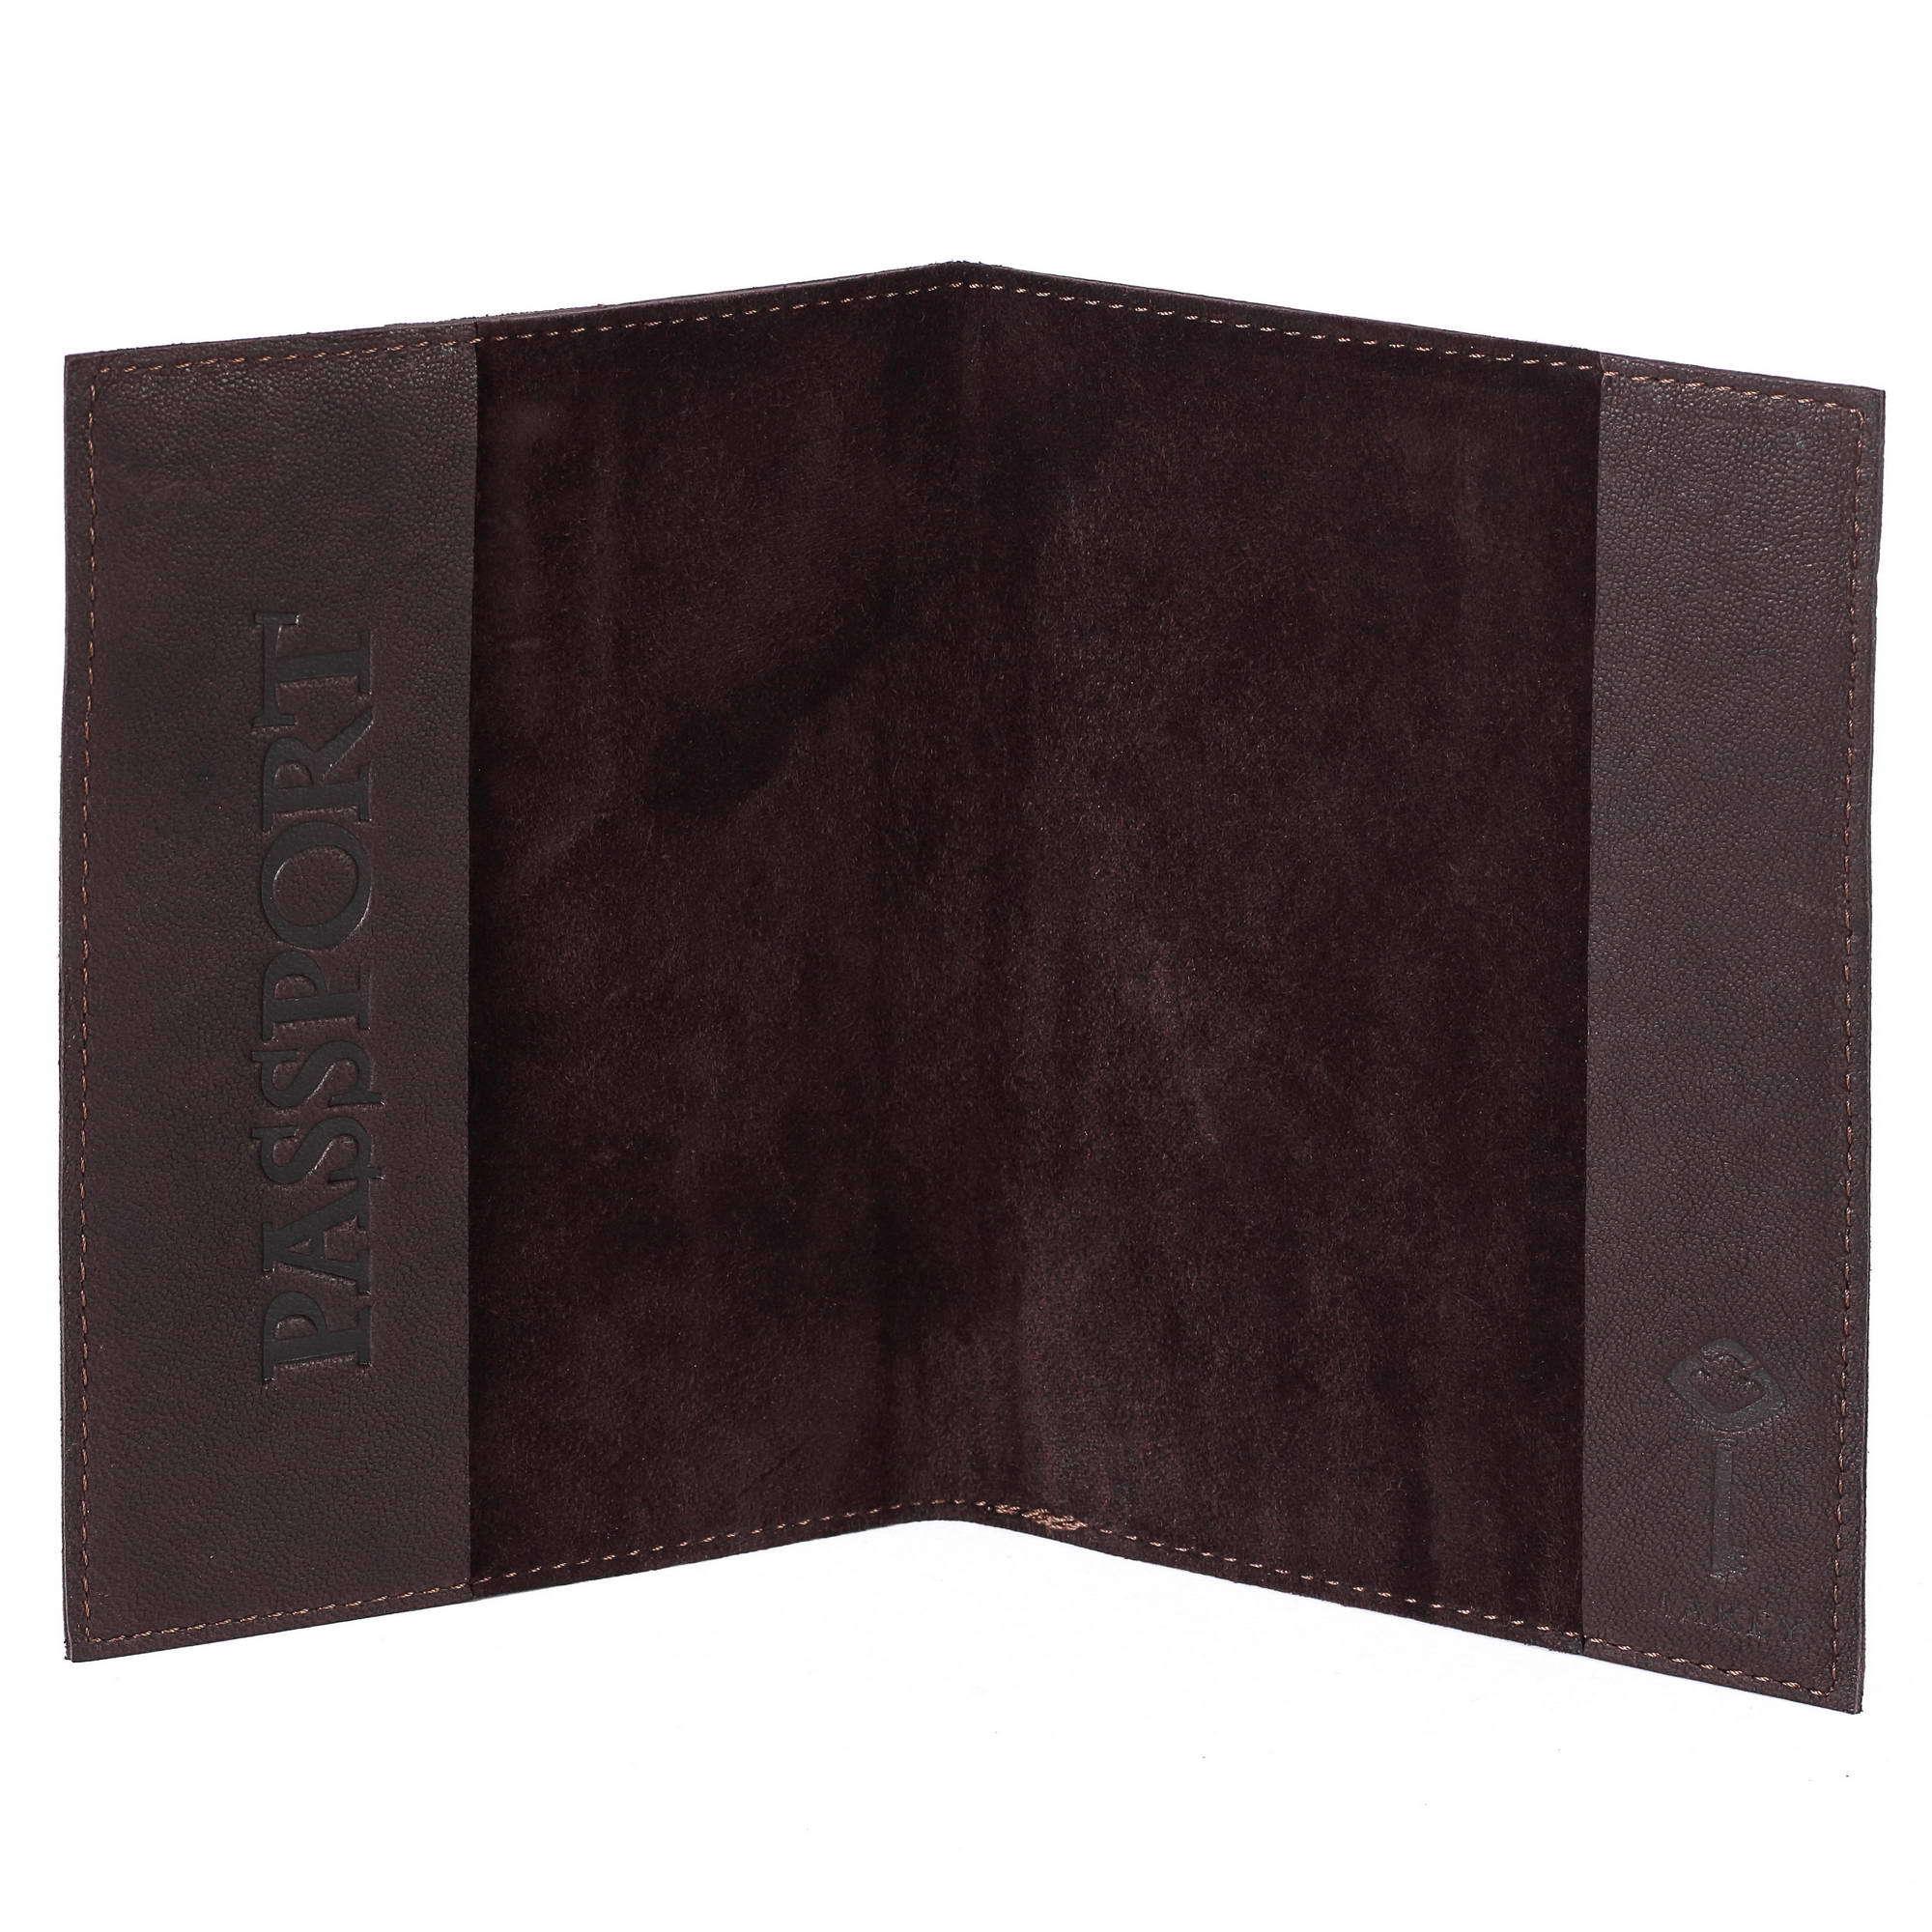 Обложка на паспорт «Ключ». Цвет коричневый